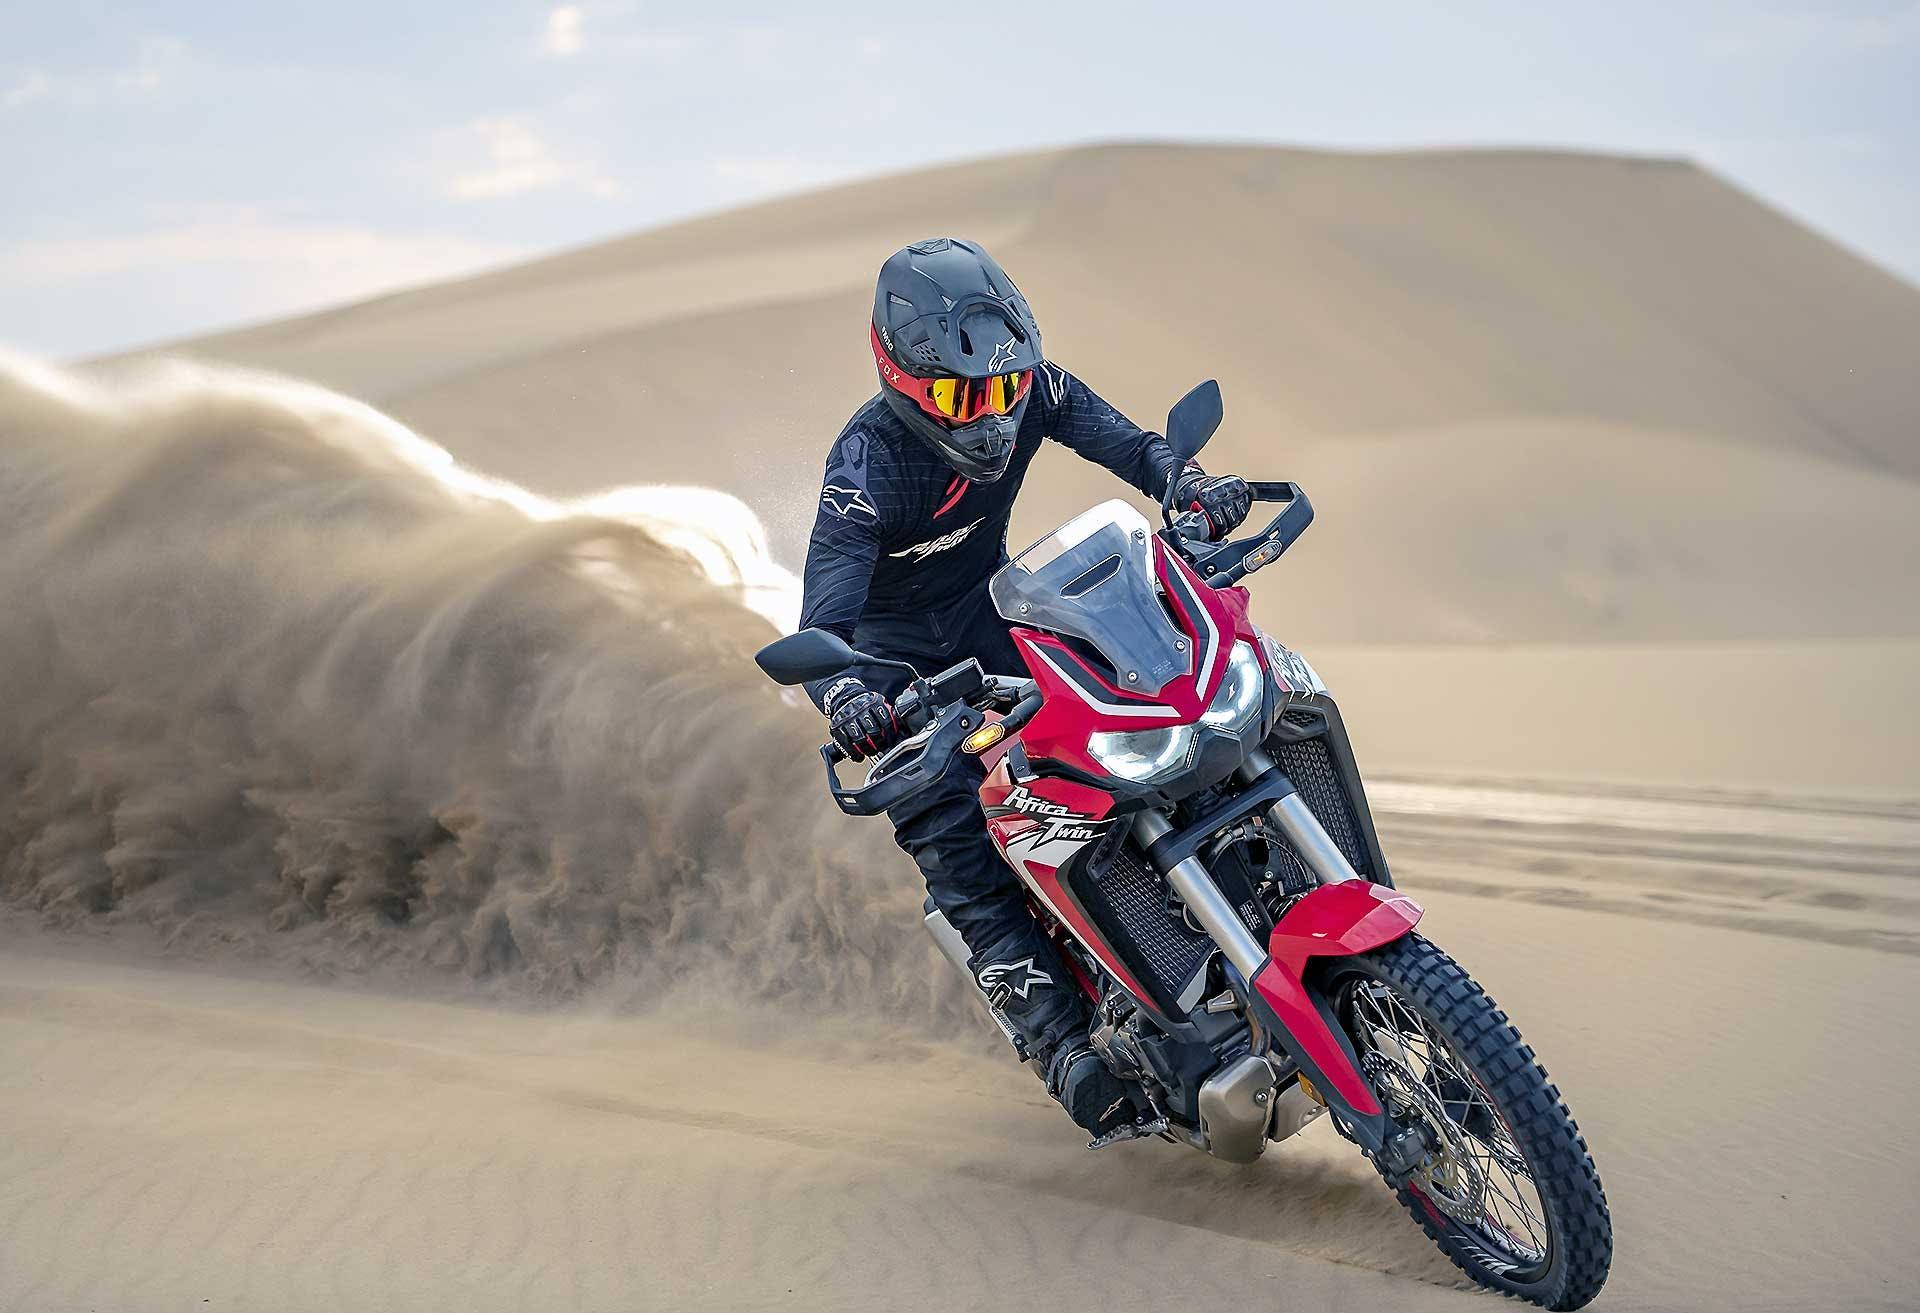 Honda Africa Twin 2020 Rossa, in azione sulle dune del deserto in Namibia